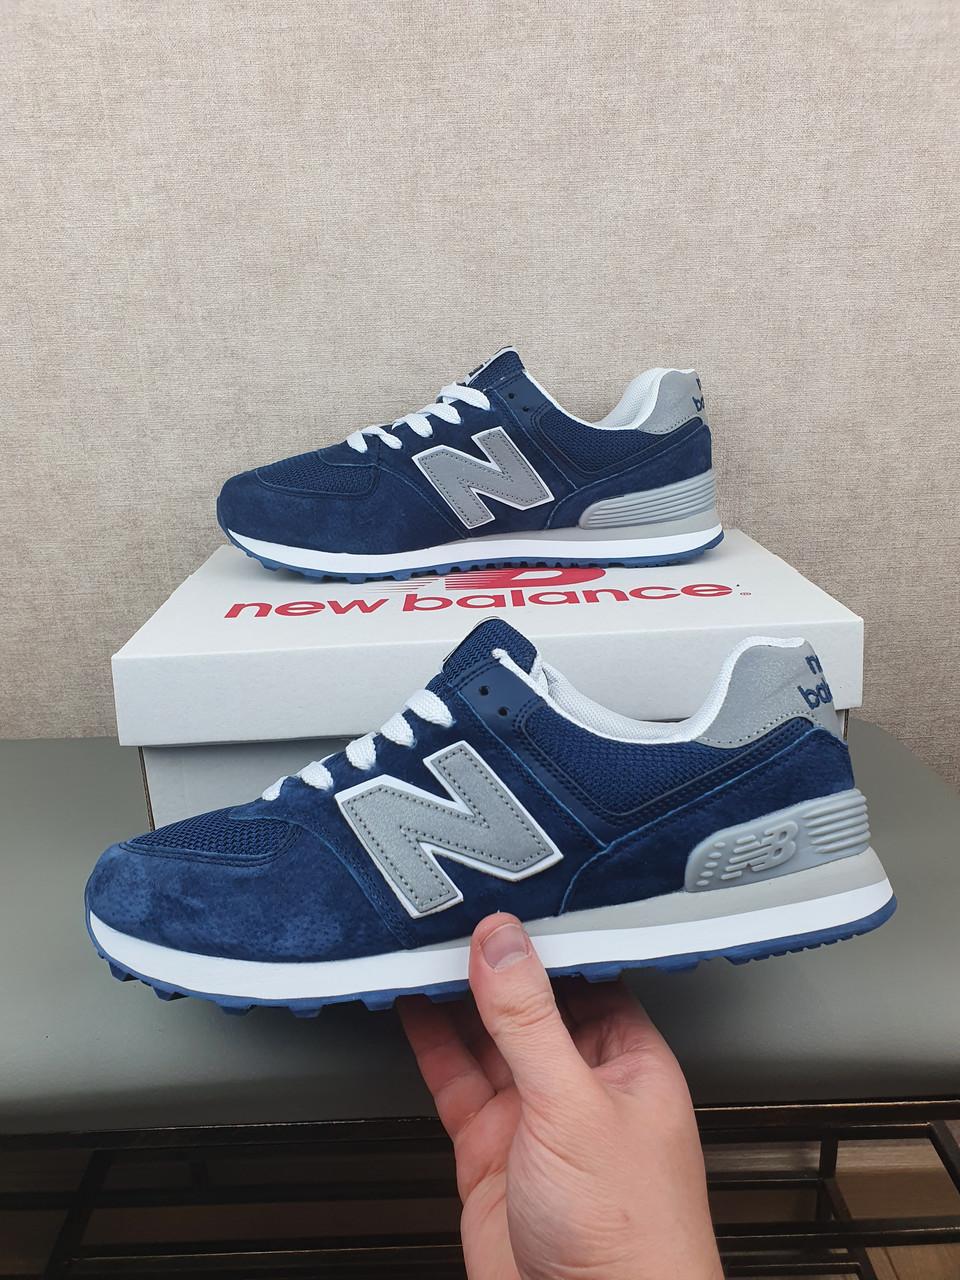 Кроссовки мужские весенние синие с серым New Balance 574. Кроссы на весну Нью Беланс 574 замша сетка